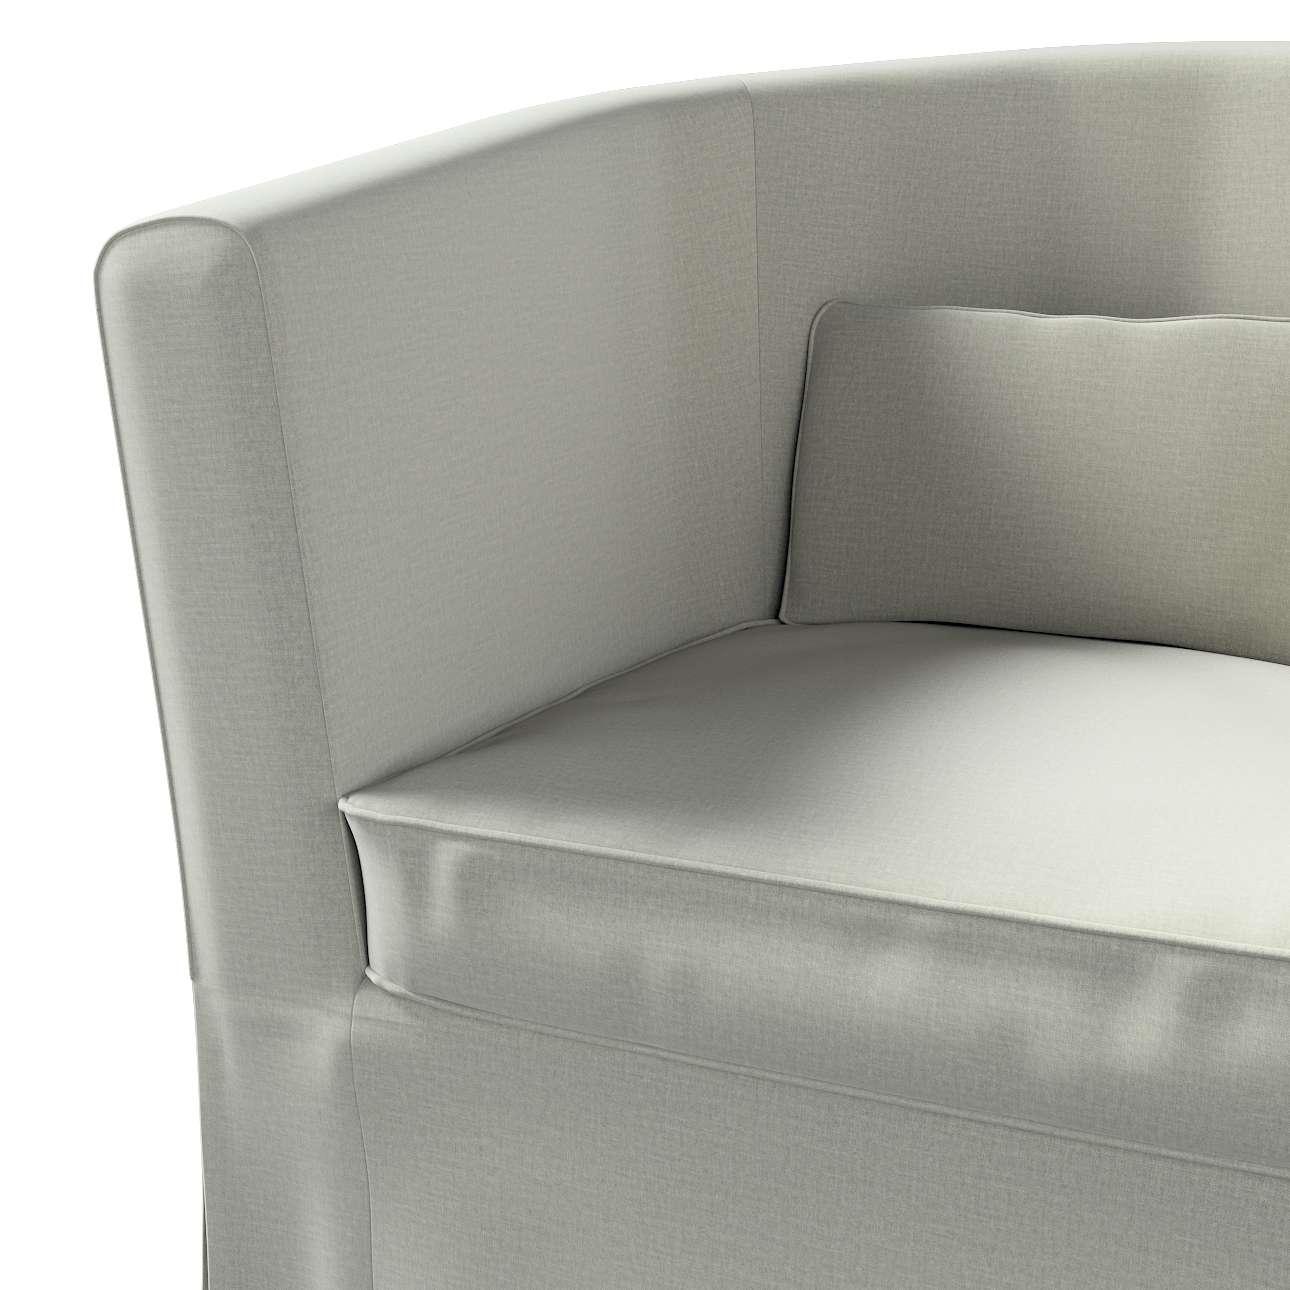 Pokrowiec na fotel Ektorp Tullsta w kolekcji Ingrid, tkanina: 705-41